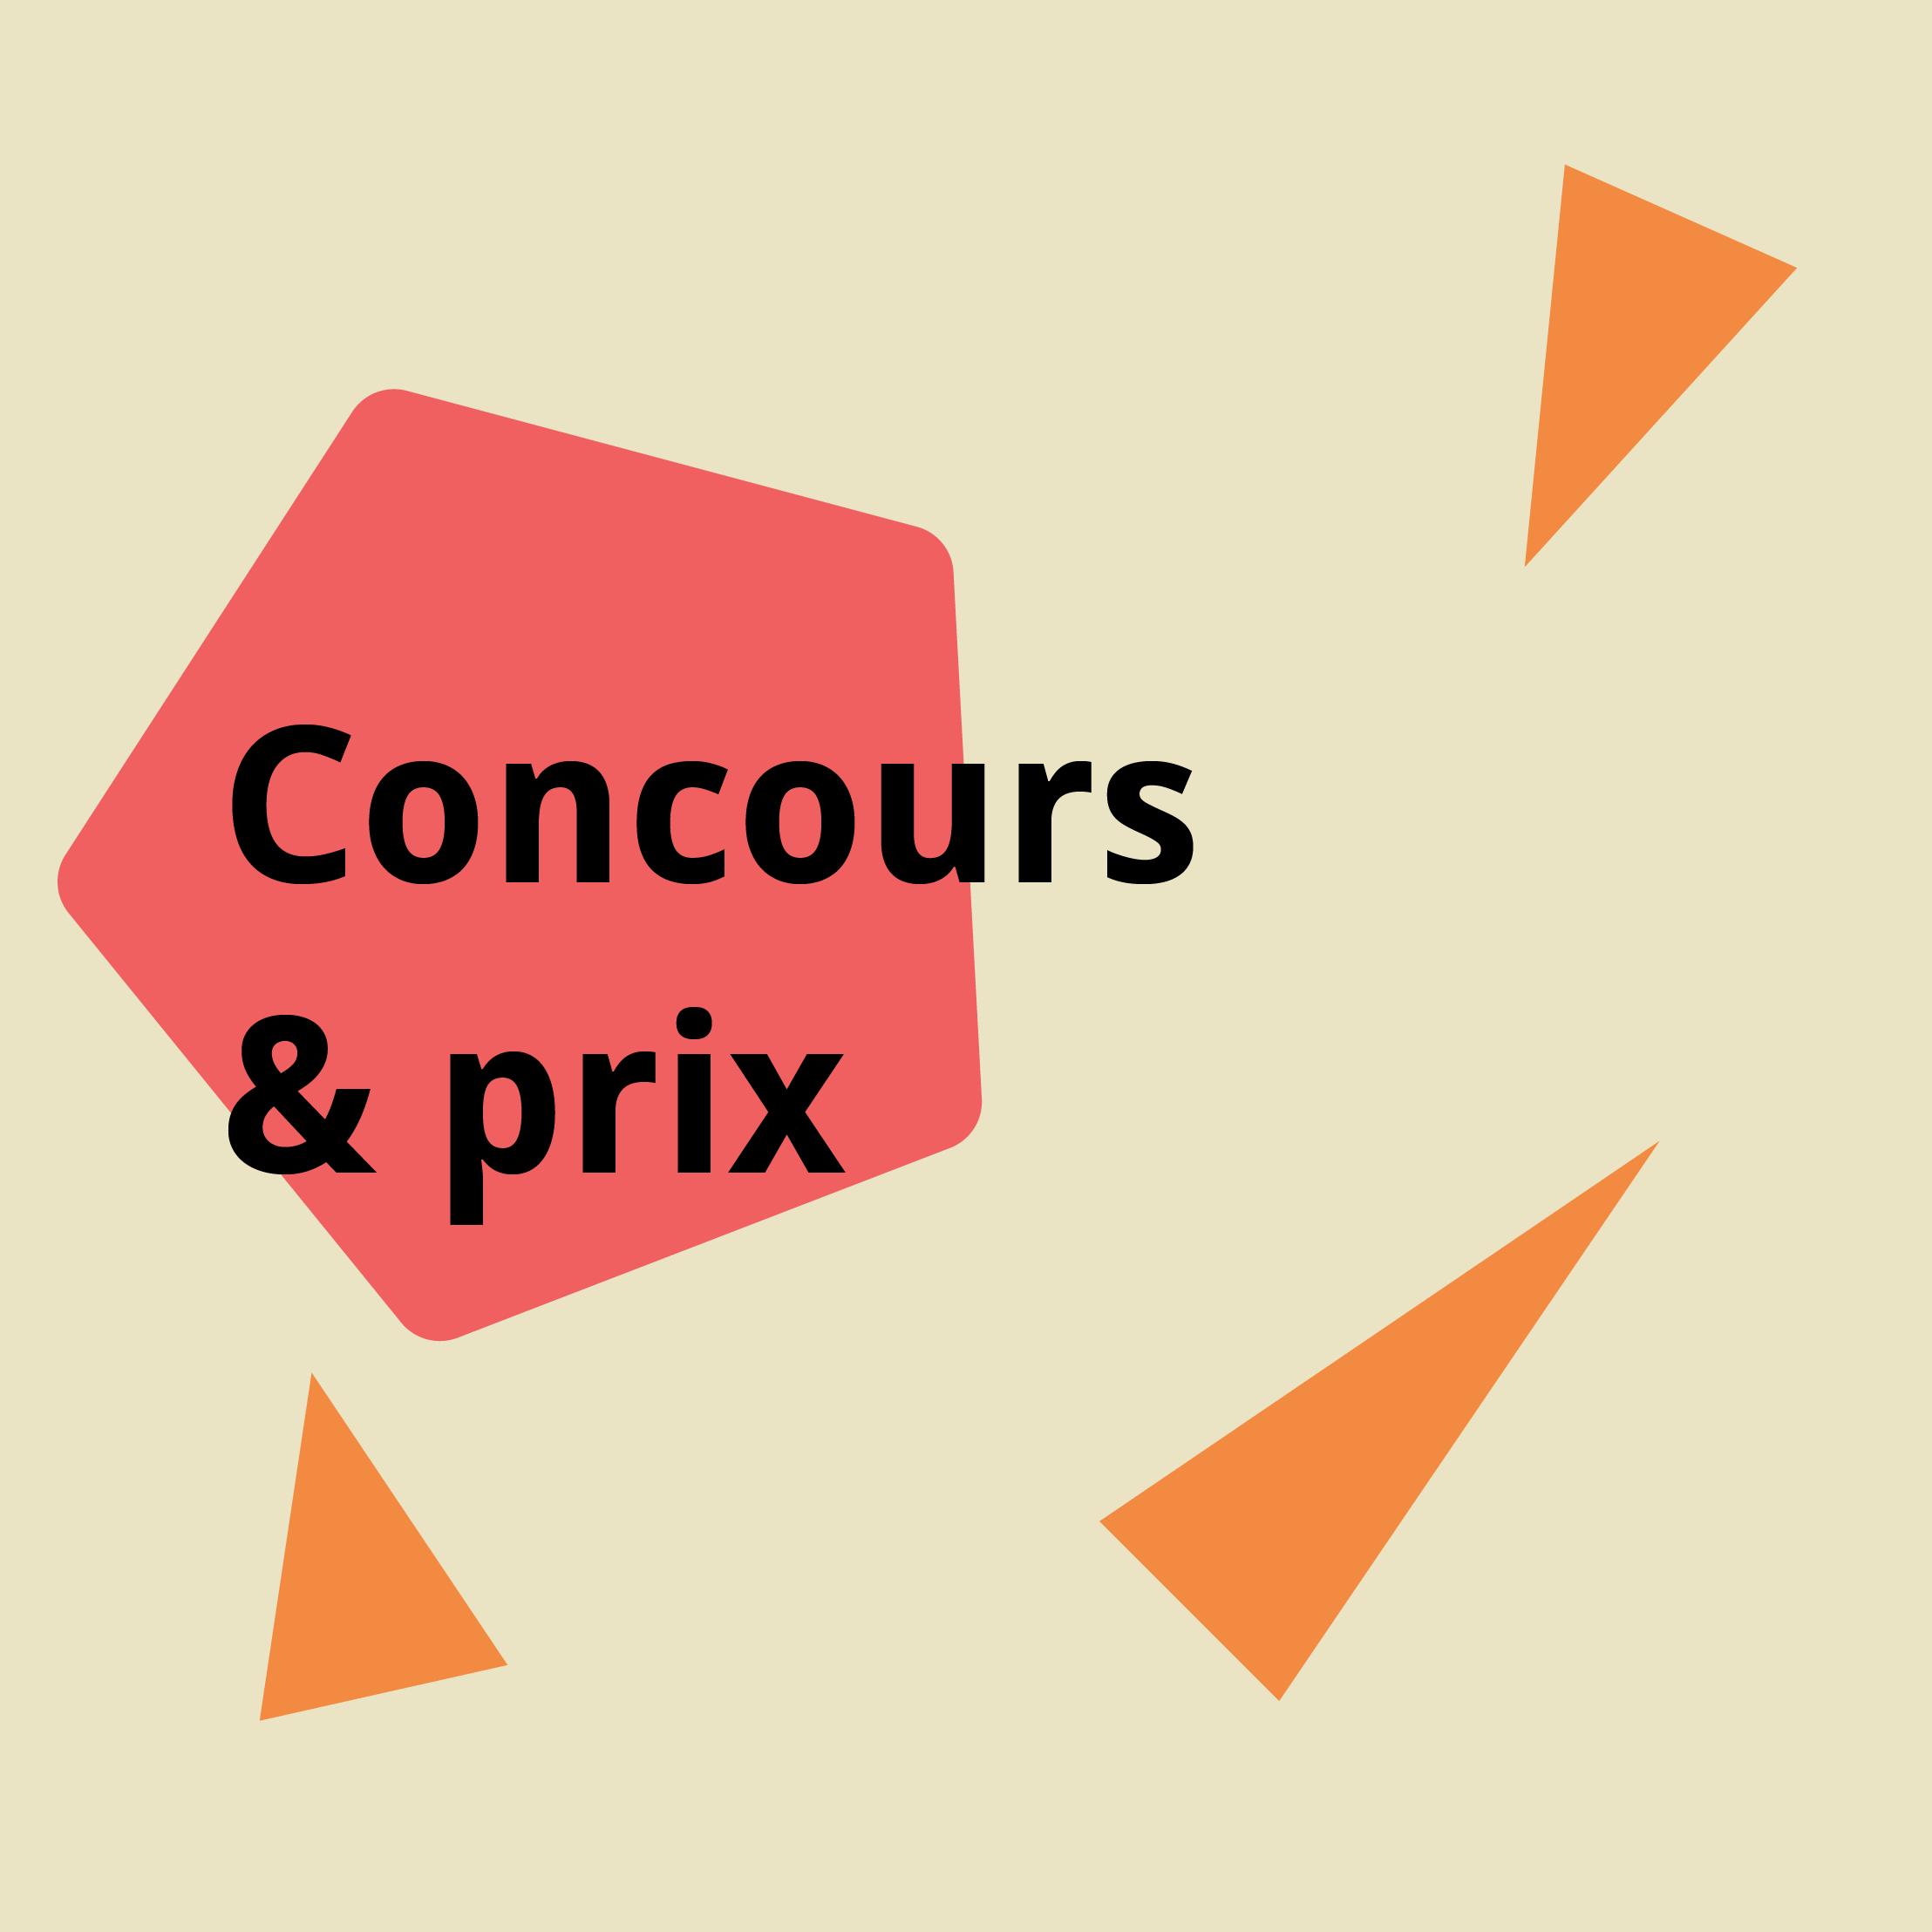 BLOC_coucours et prix 1